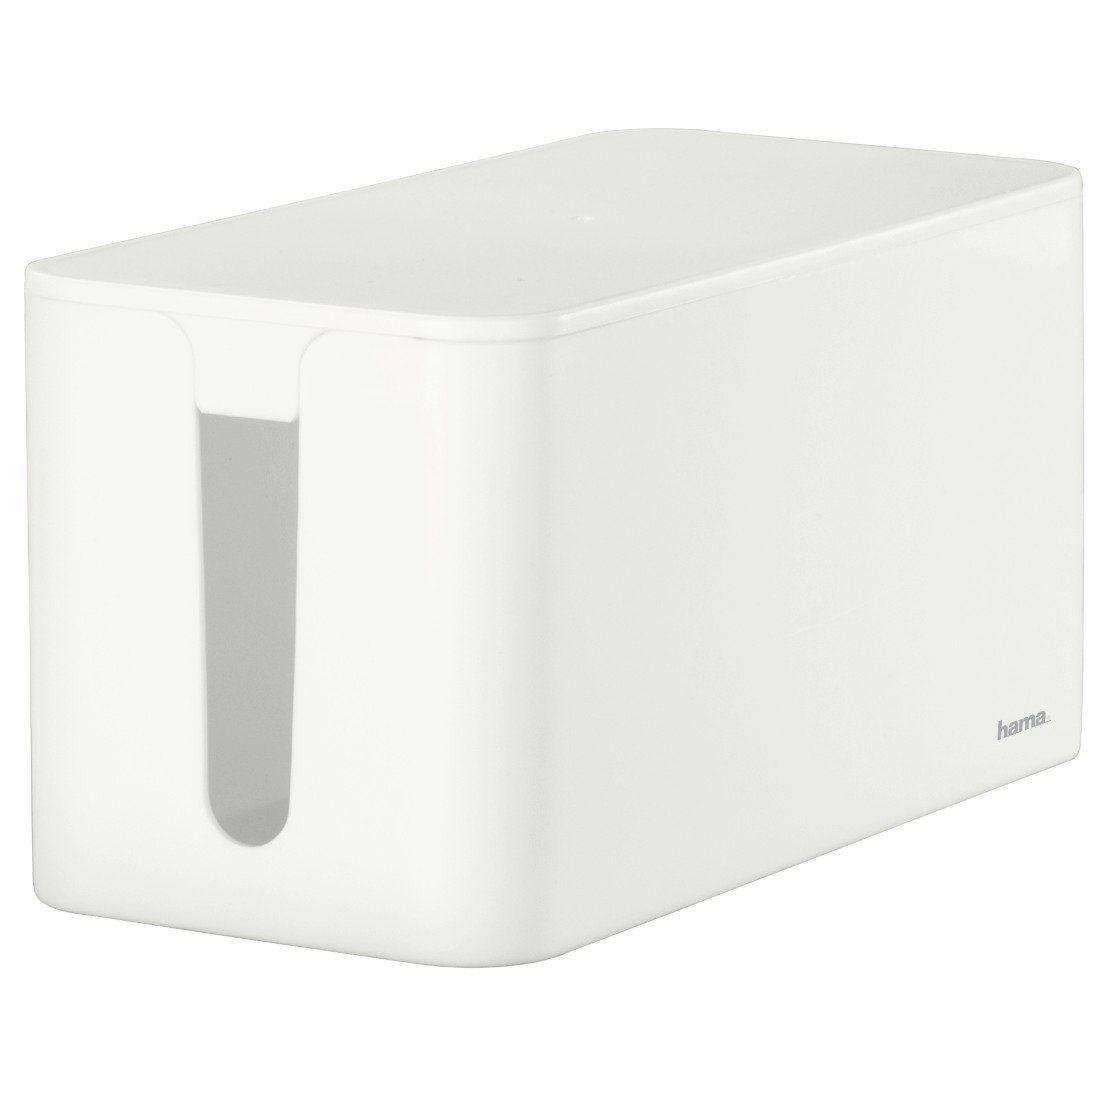 Hama Kabelbox Mini, Weiß